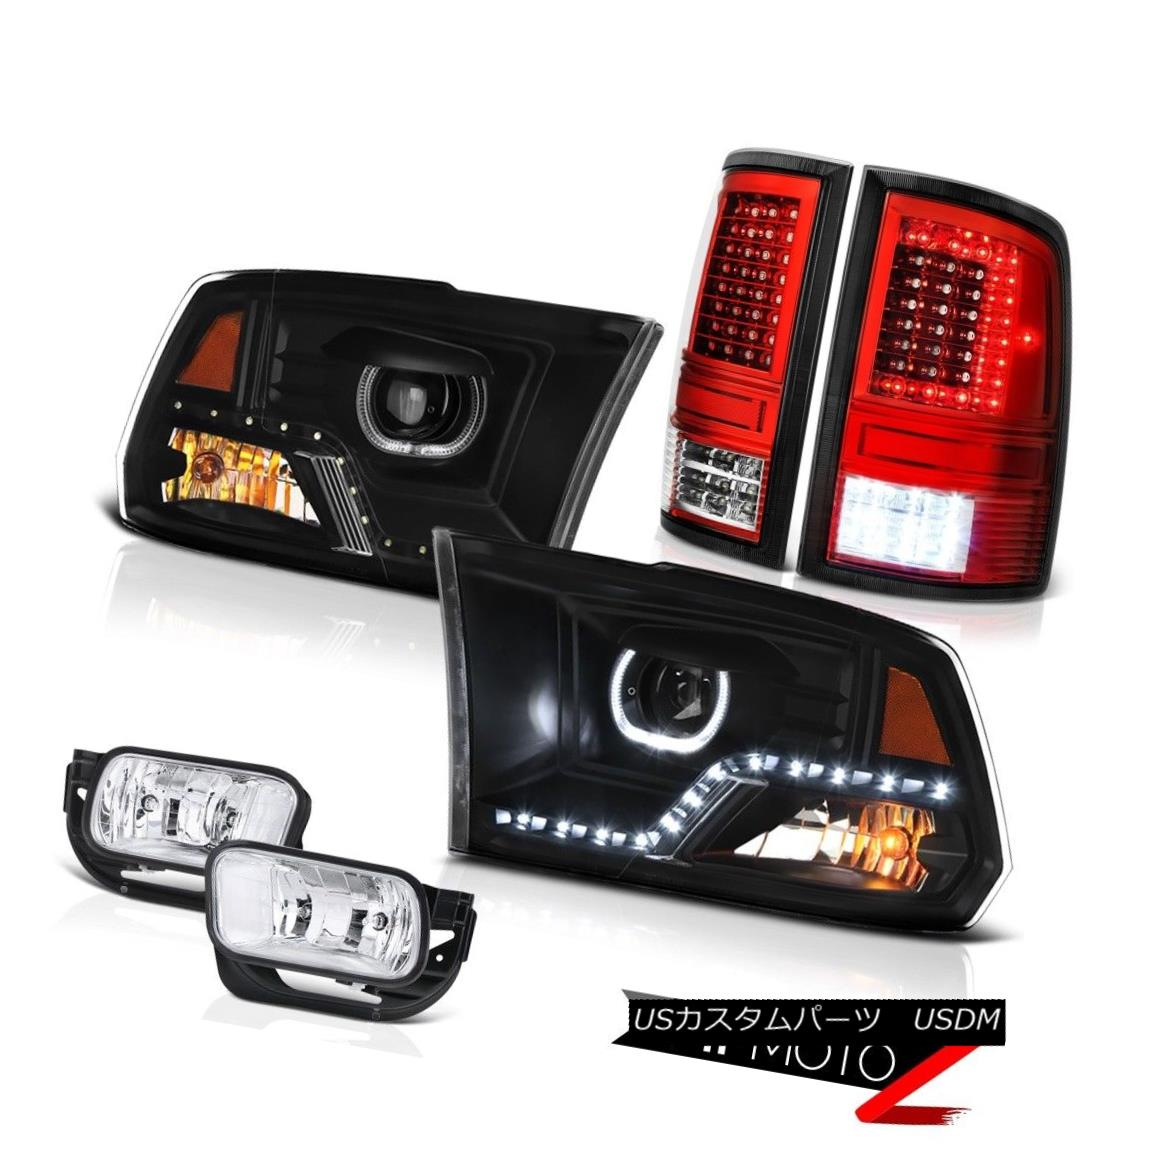 ヘッドライト 2010-2018 Dodge RAM 2500 3500 Bloody Red Tail Lamps DRL Headlamps Fog Light PAIR 2010-2018 Dodge RAM 2500 3500ブラッディレッドテールランプDRLヘッドランプフォグライトペア画像